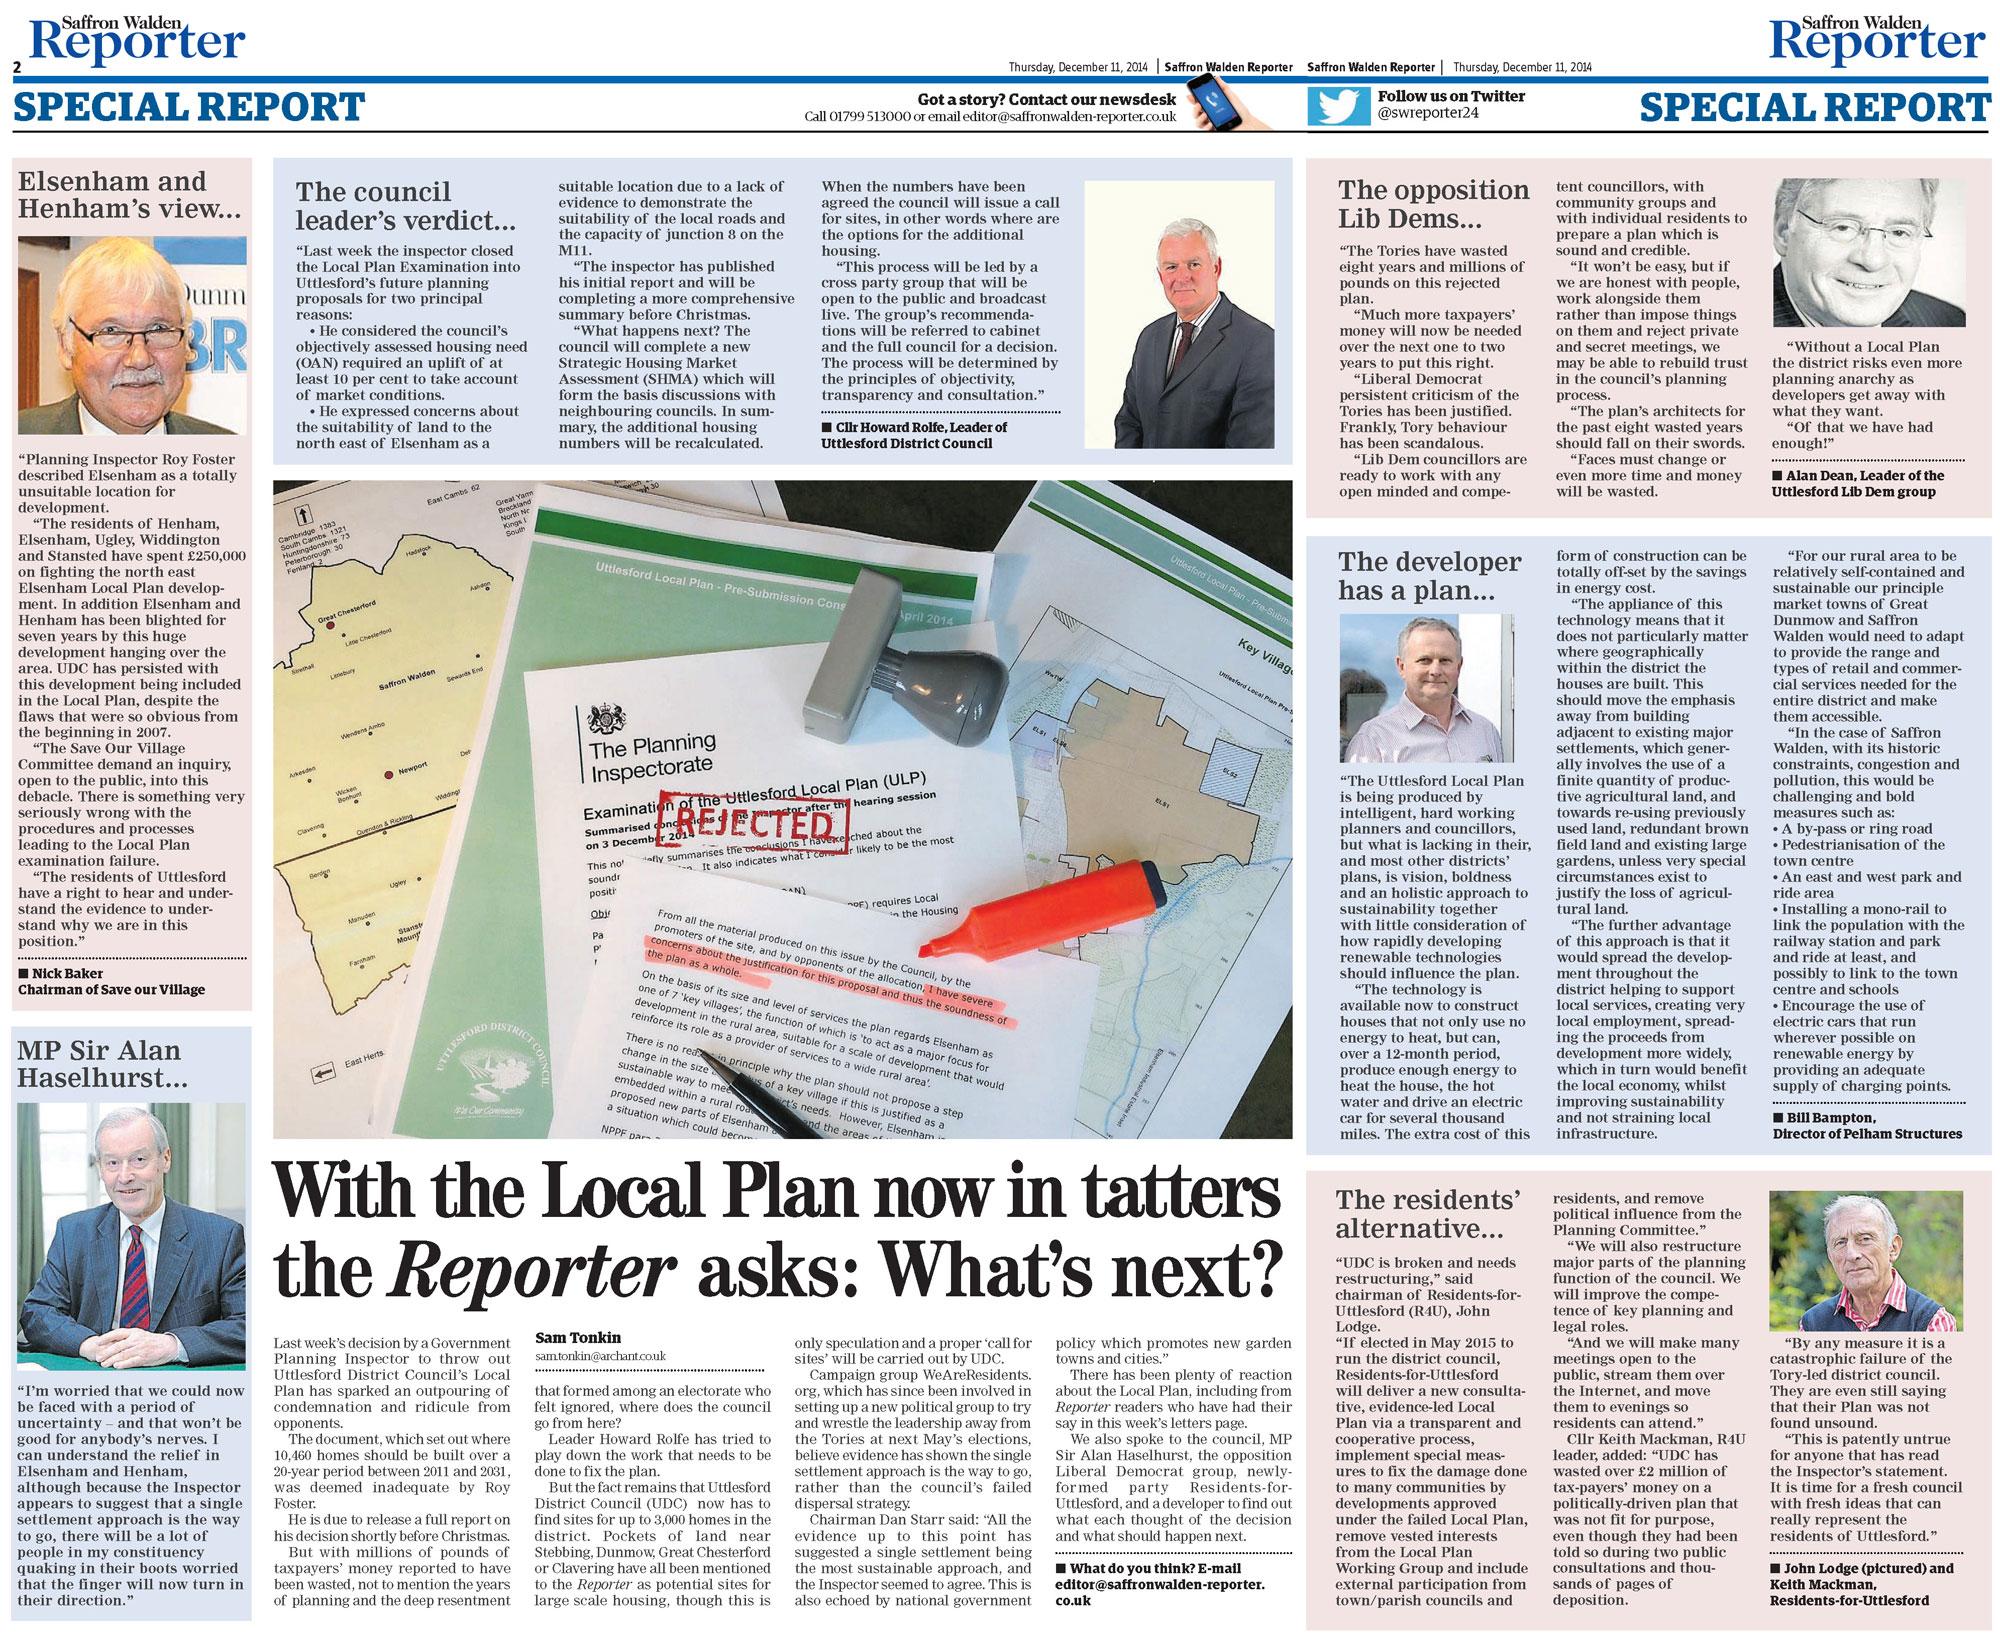 Uttlesford Local Plan Refusal: Saffron Walden Reporter coverage (11-Dec-2014)